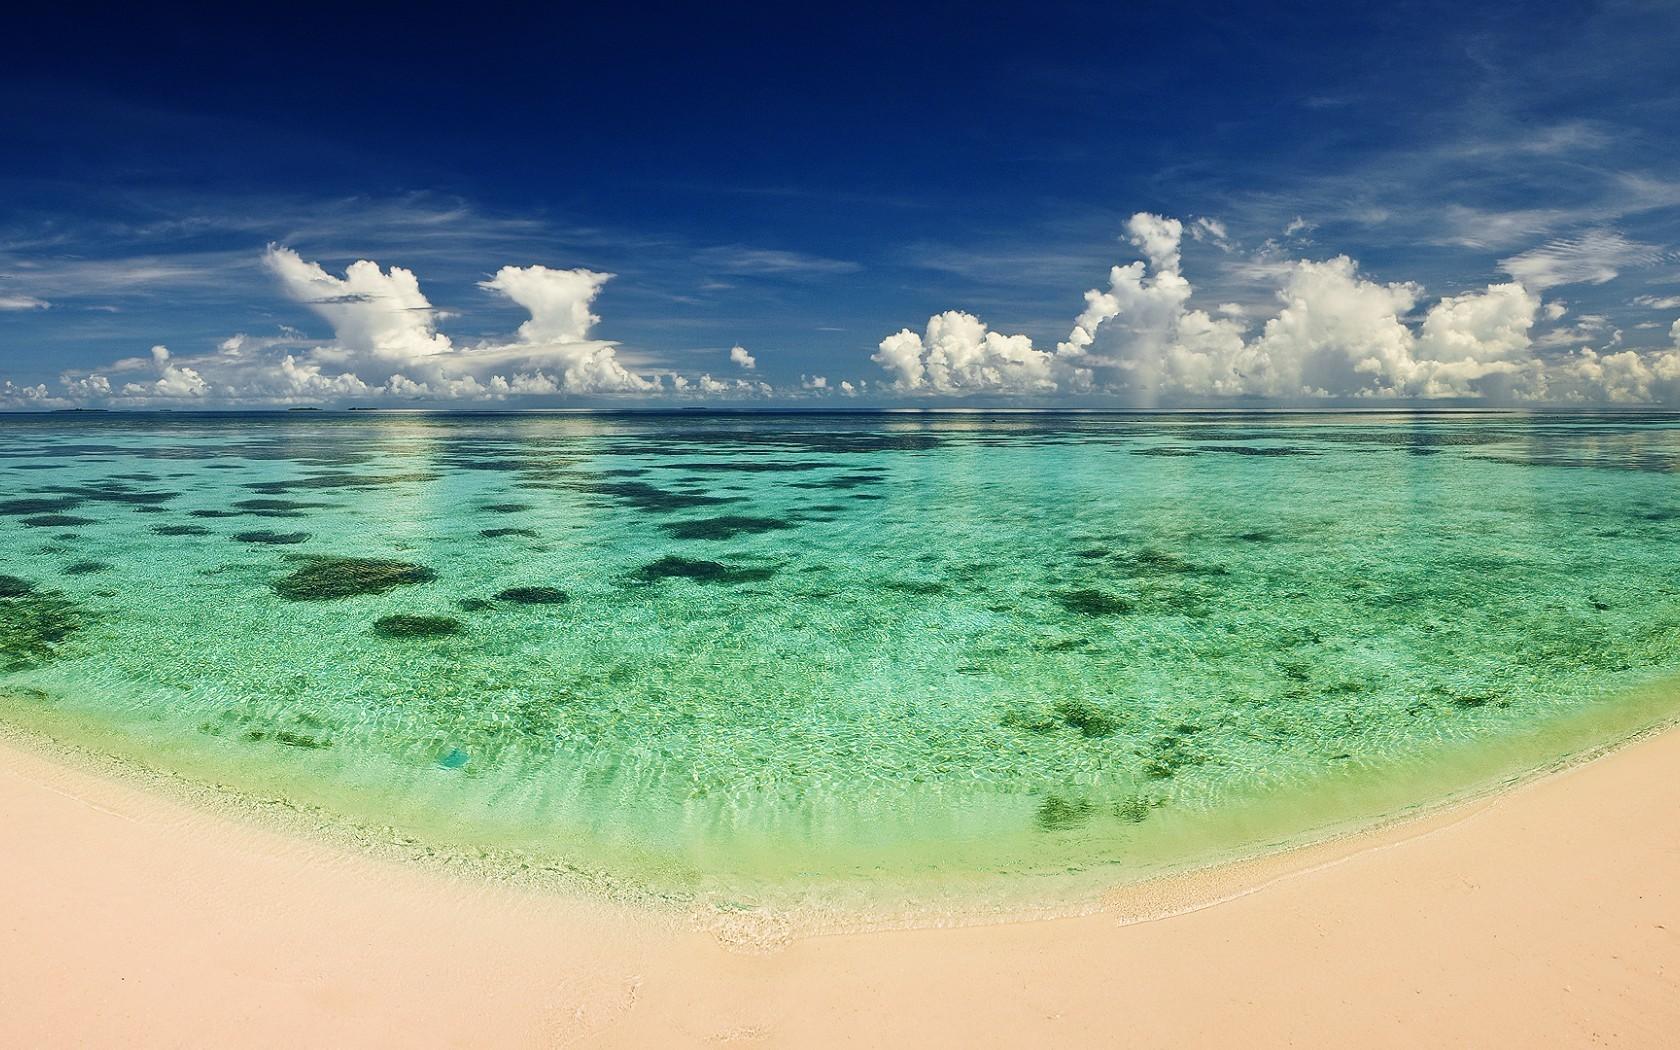 28411 скачать обои Пейзаж, Море, Облака, Пляж - заставки и картинки бесплатно